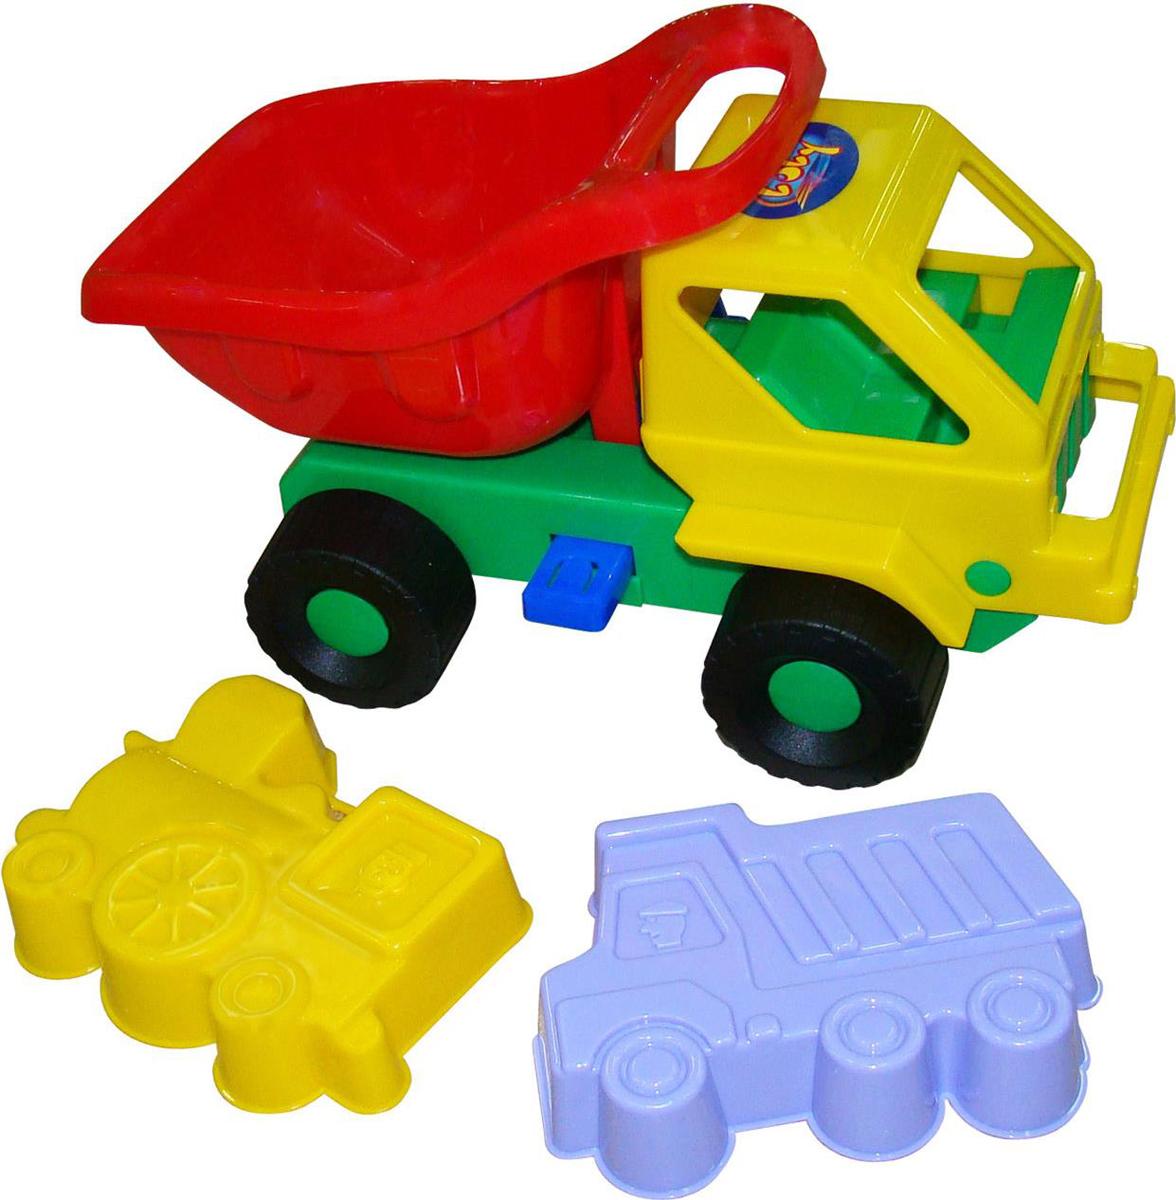 Полесье Набор игрушек для песочницы №42 Кузя-2 полесье набор игрушек для песочницы 73